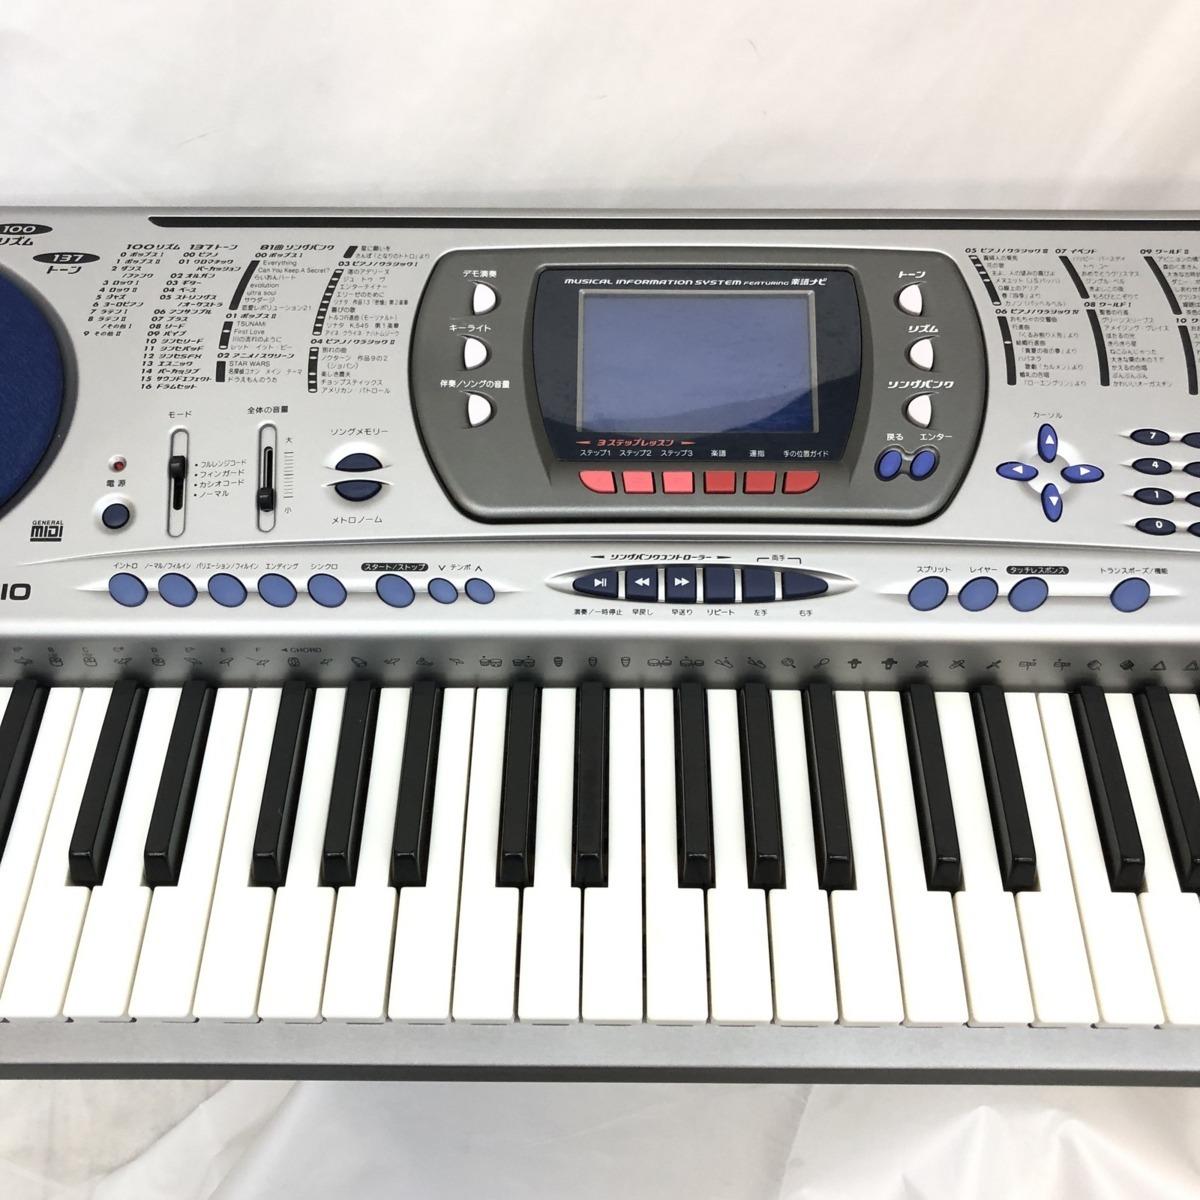 CASIO カシオ 電子キーボード LK-150 光ナビゲーション 61鍵盤 シルバー ブルー 電子ピアノ 鍵盤楽器 アダプター付き H15211_画像4